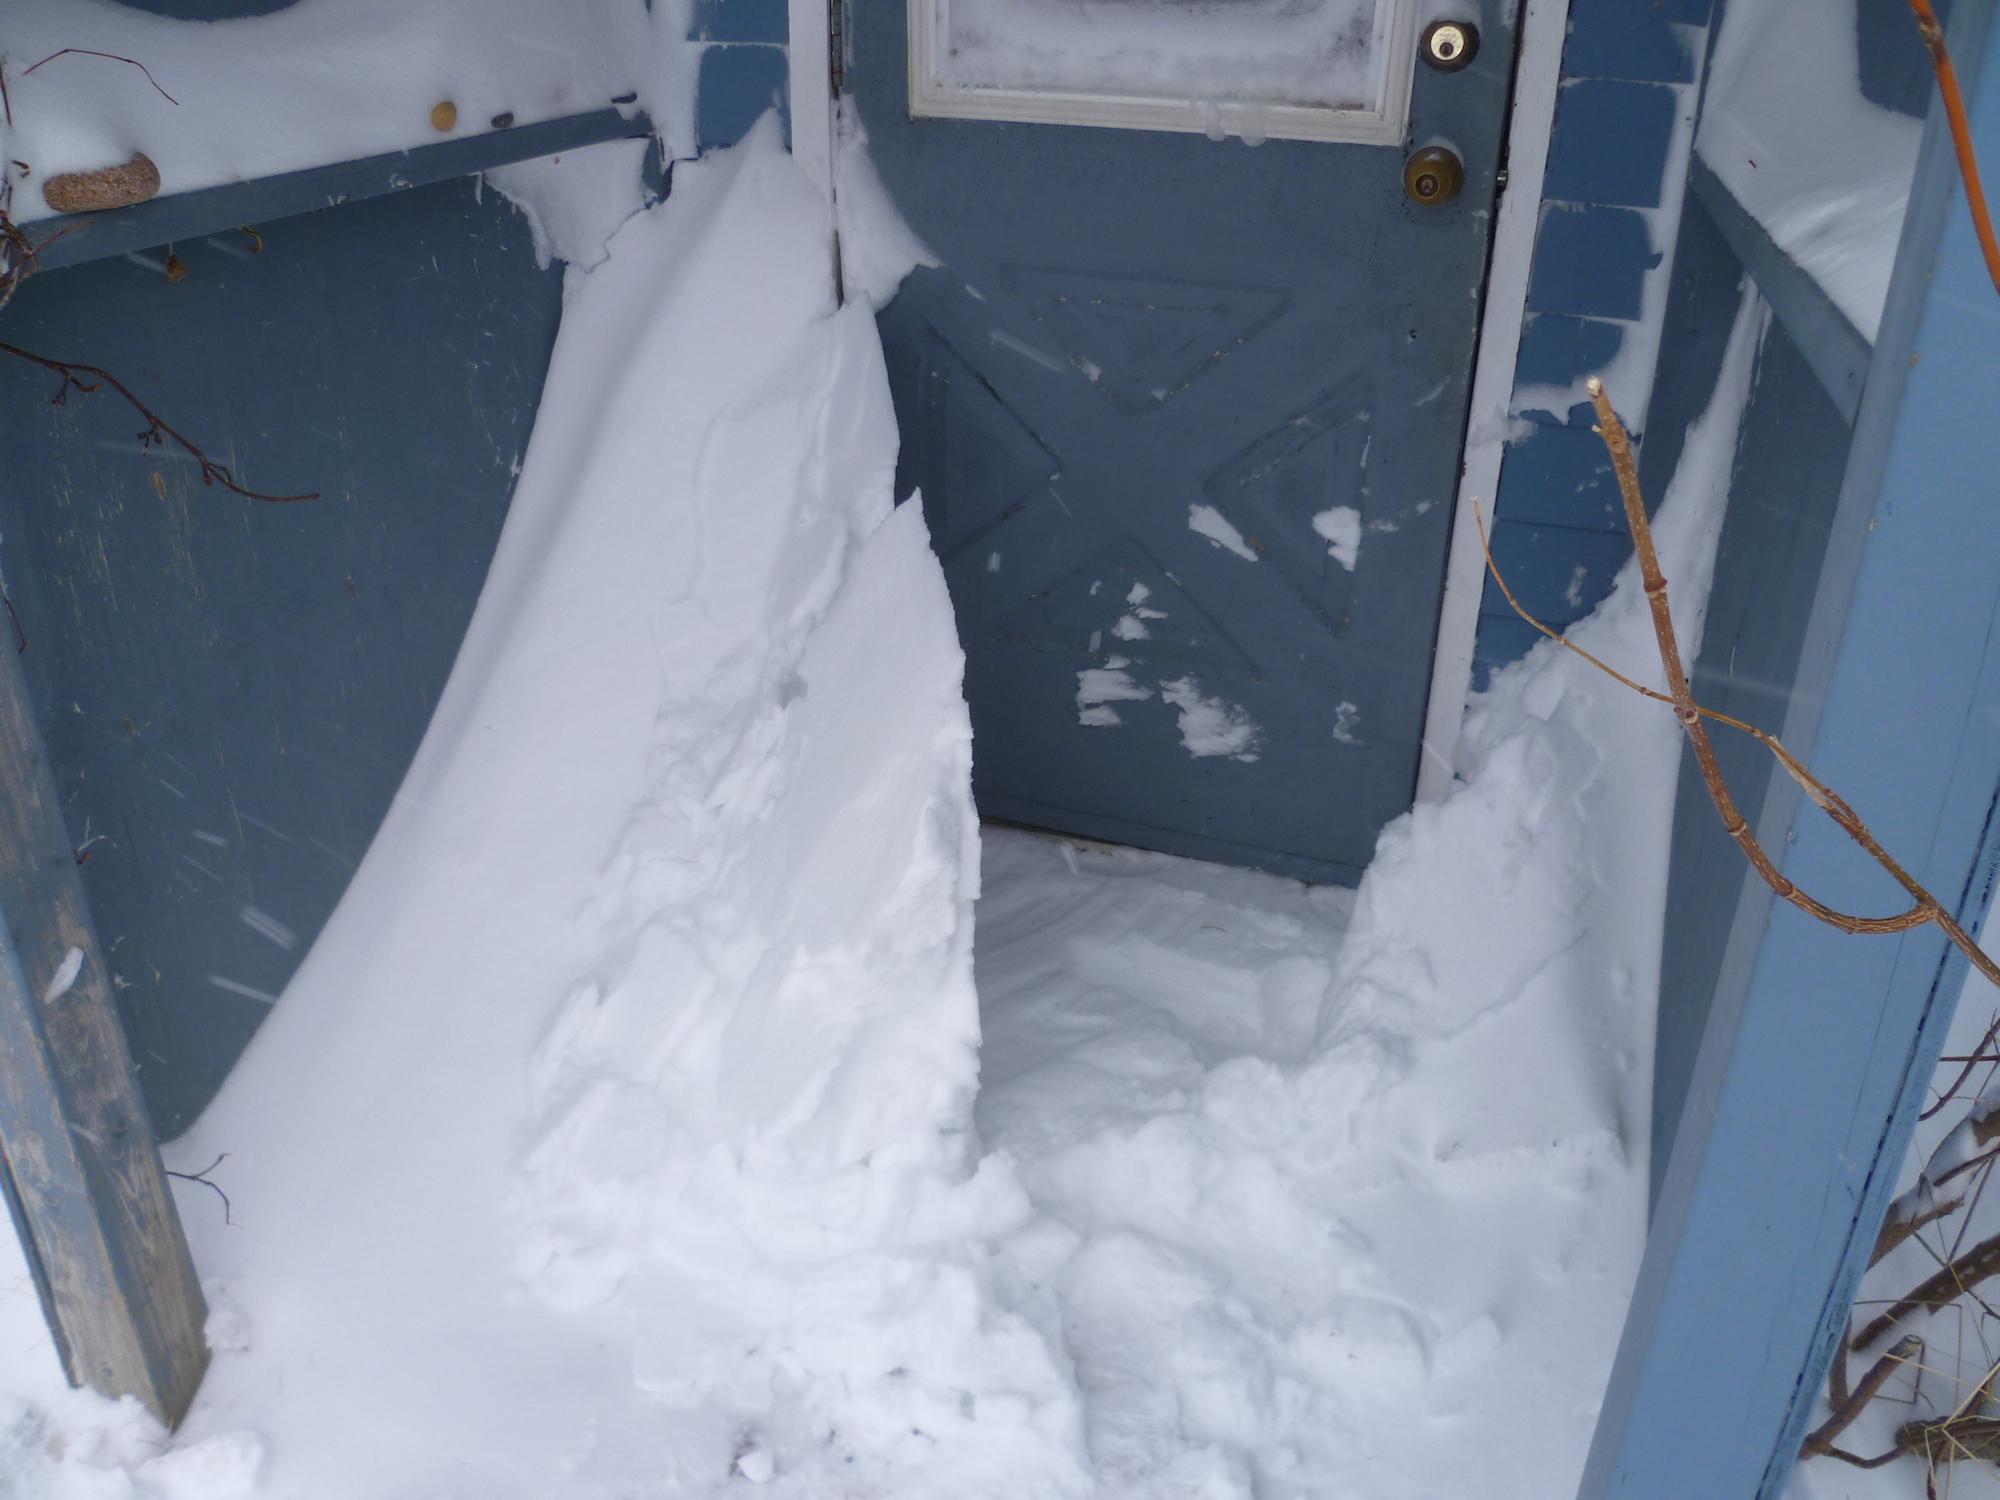 Hiver au Canada - Coincée par la neige